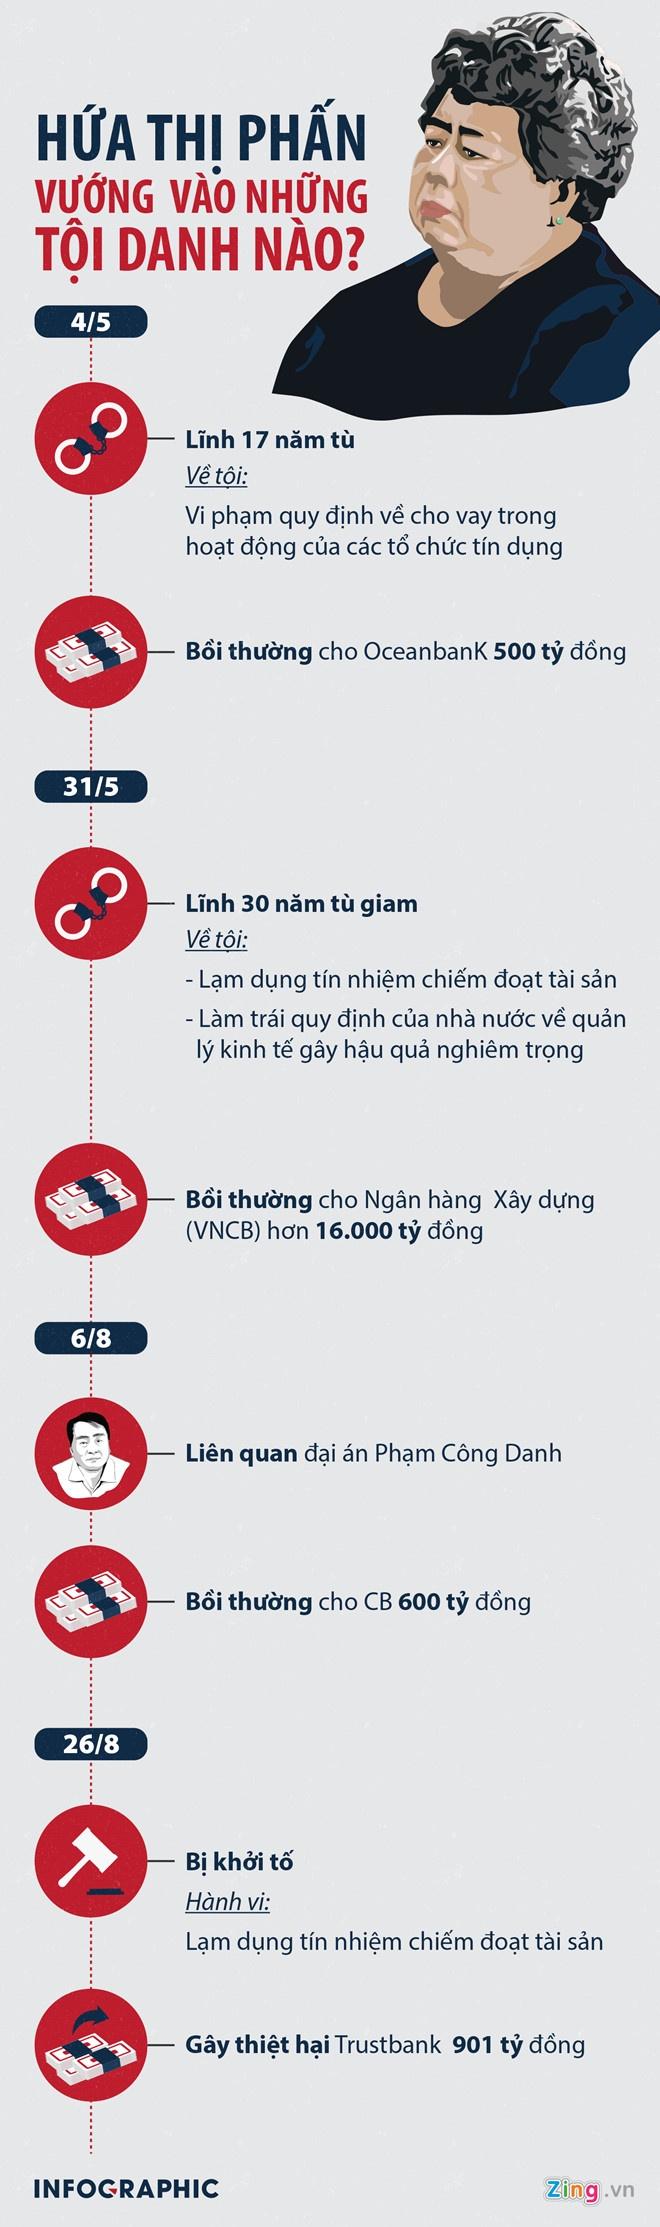 Hua Thi Phan va dong pham anh 3